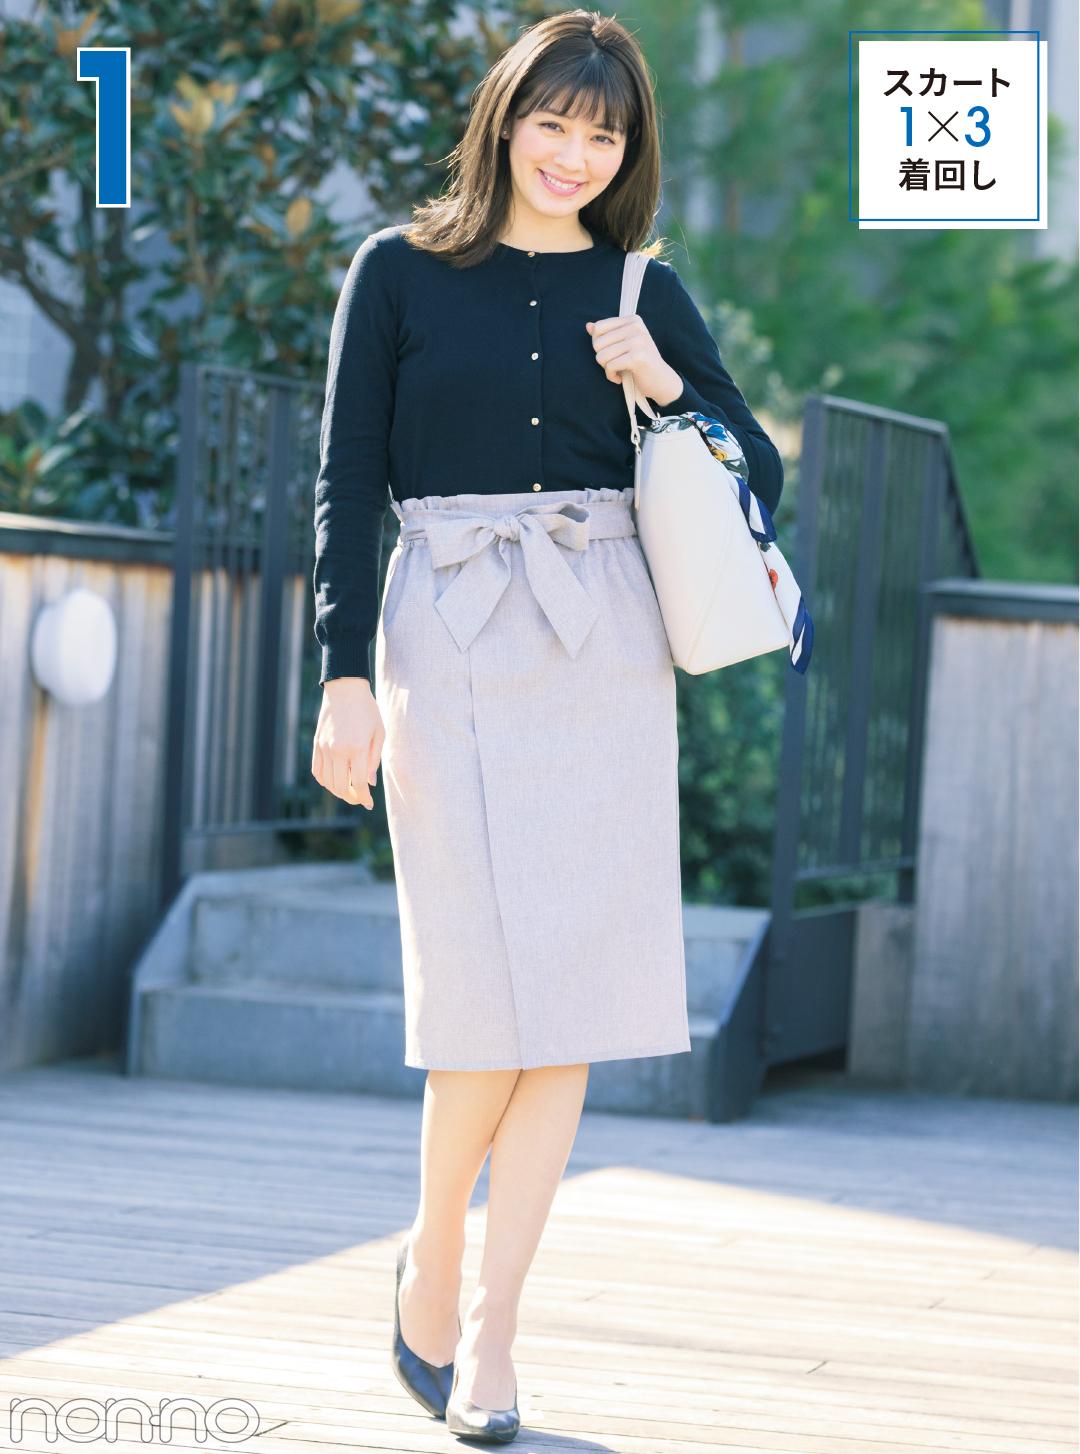 堅めオフィスできちんと見えスカート着回し☆毎日使えるタイトスカート4選!_1_2